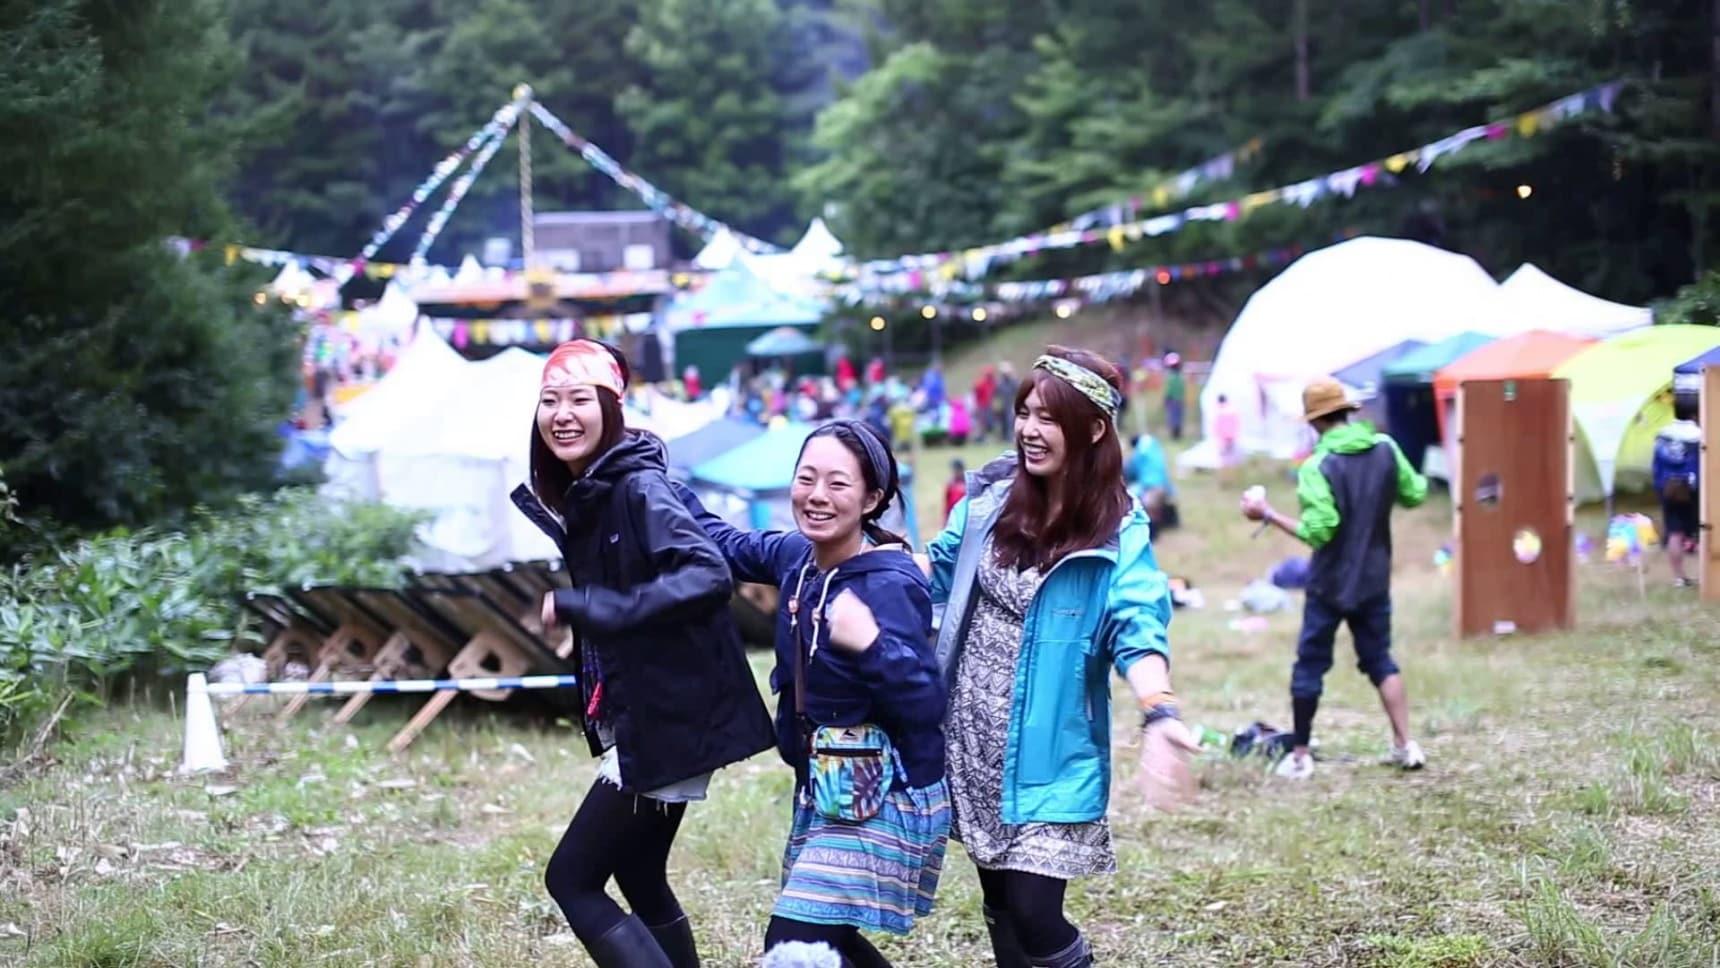 7 แฟชั่นไอเท็มสำหรับสาวๆ ไป Music Festival